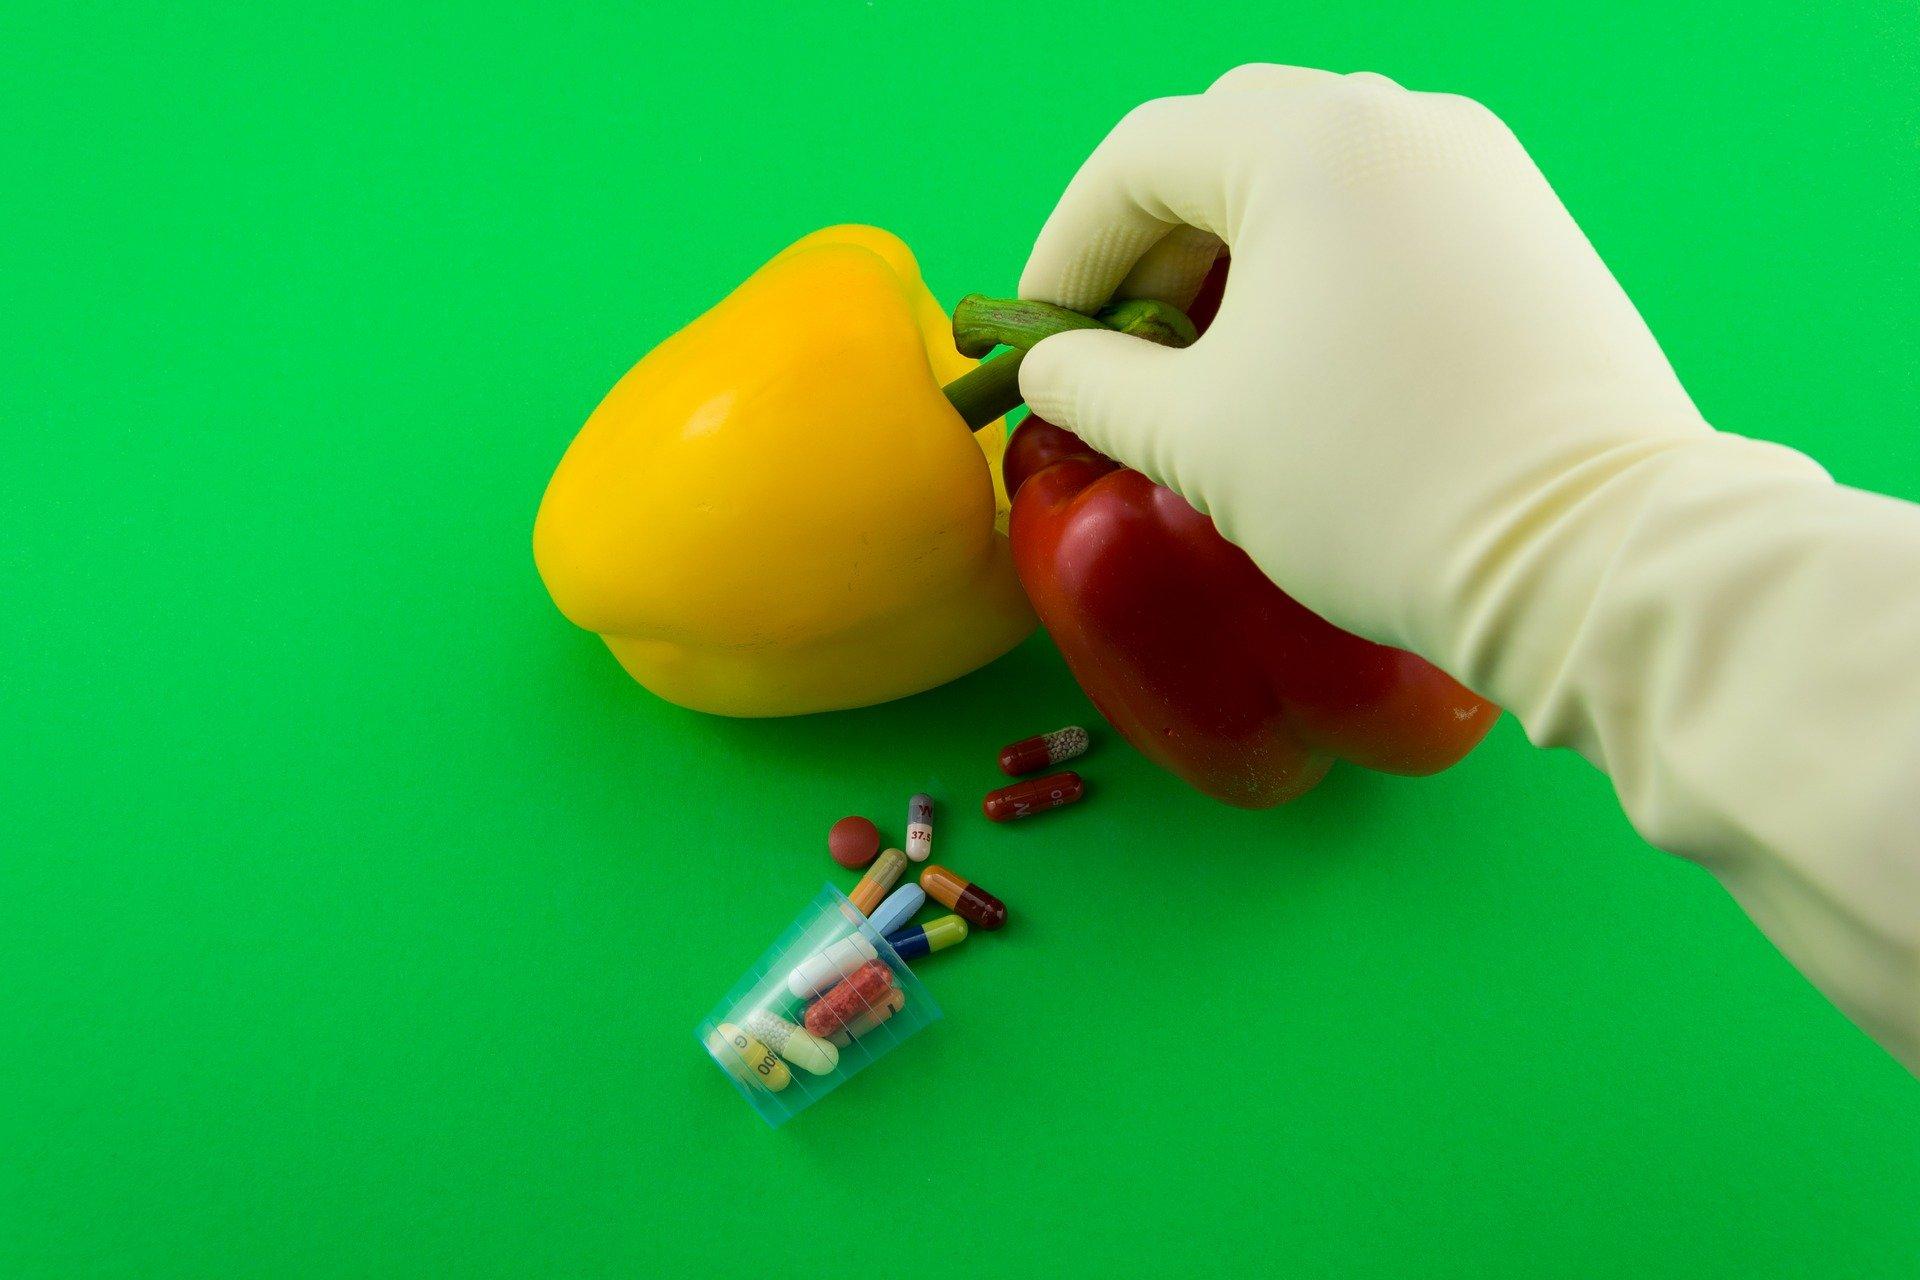 La industrialización del proceso de producción de alimentos puede hacer que estos pierdan nutrientes